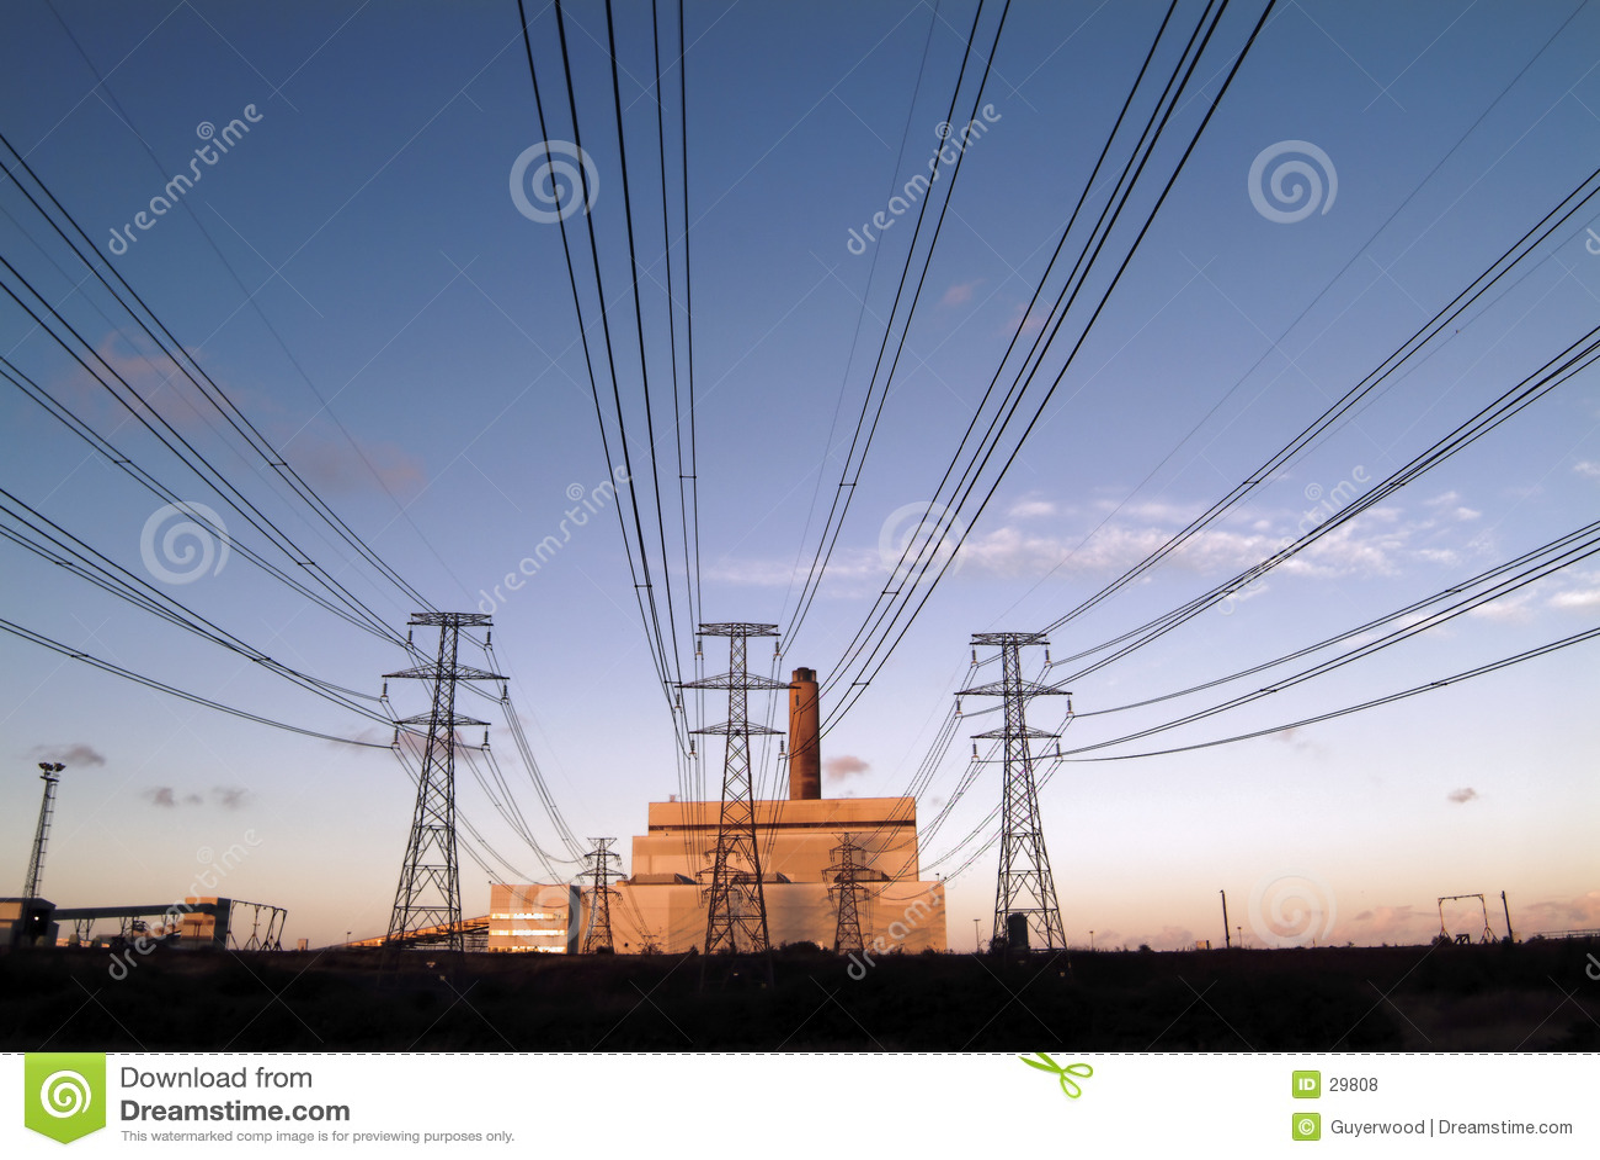 Download Corriente eléctrica foto de archivo. Imagen de electricidad - 29808